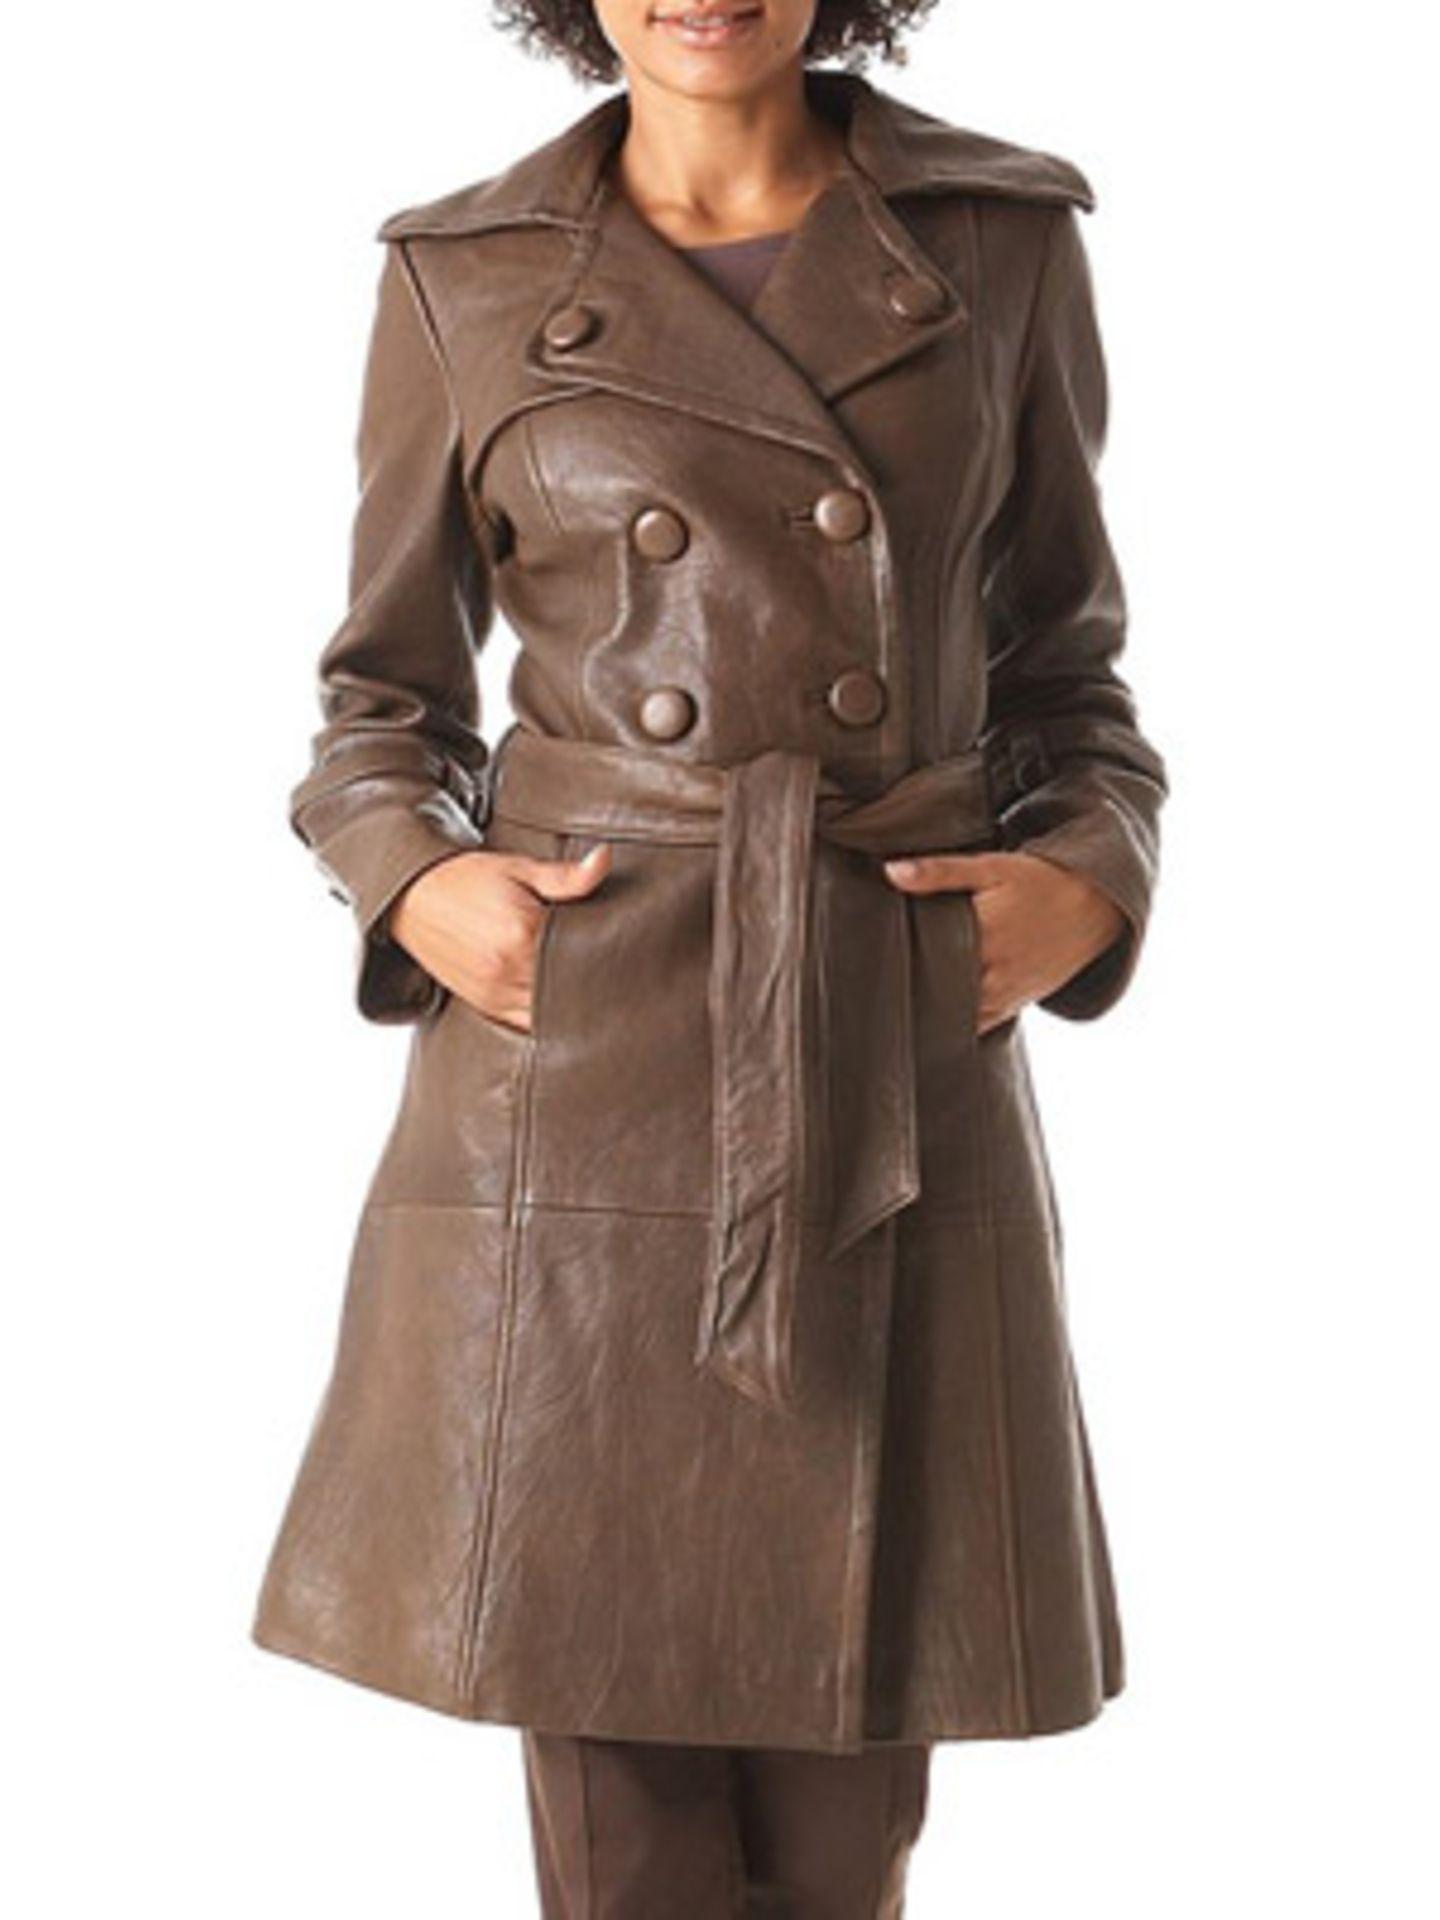 Zweireihiger Trenchcoat aus braunem Leder von Promod, um 190 Euro. Über  www.promod.de.